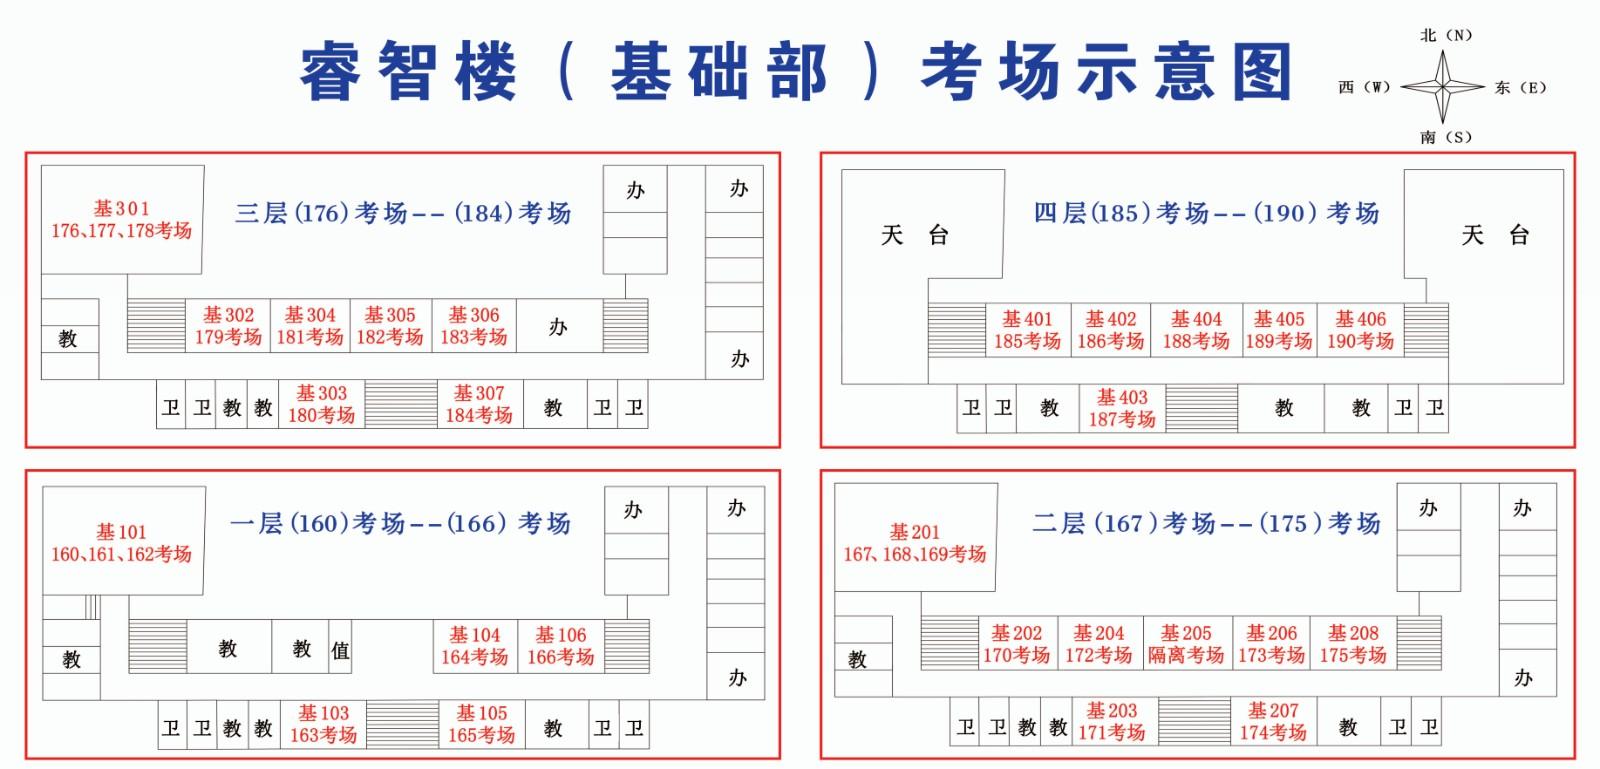 青海大学二级建造师考场分布示意图2